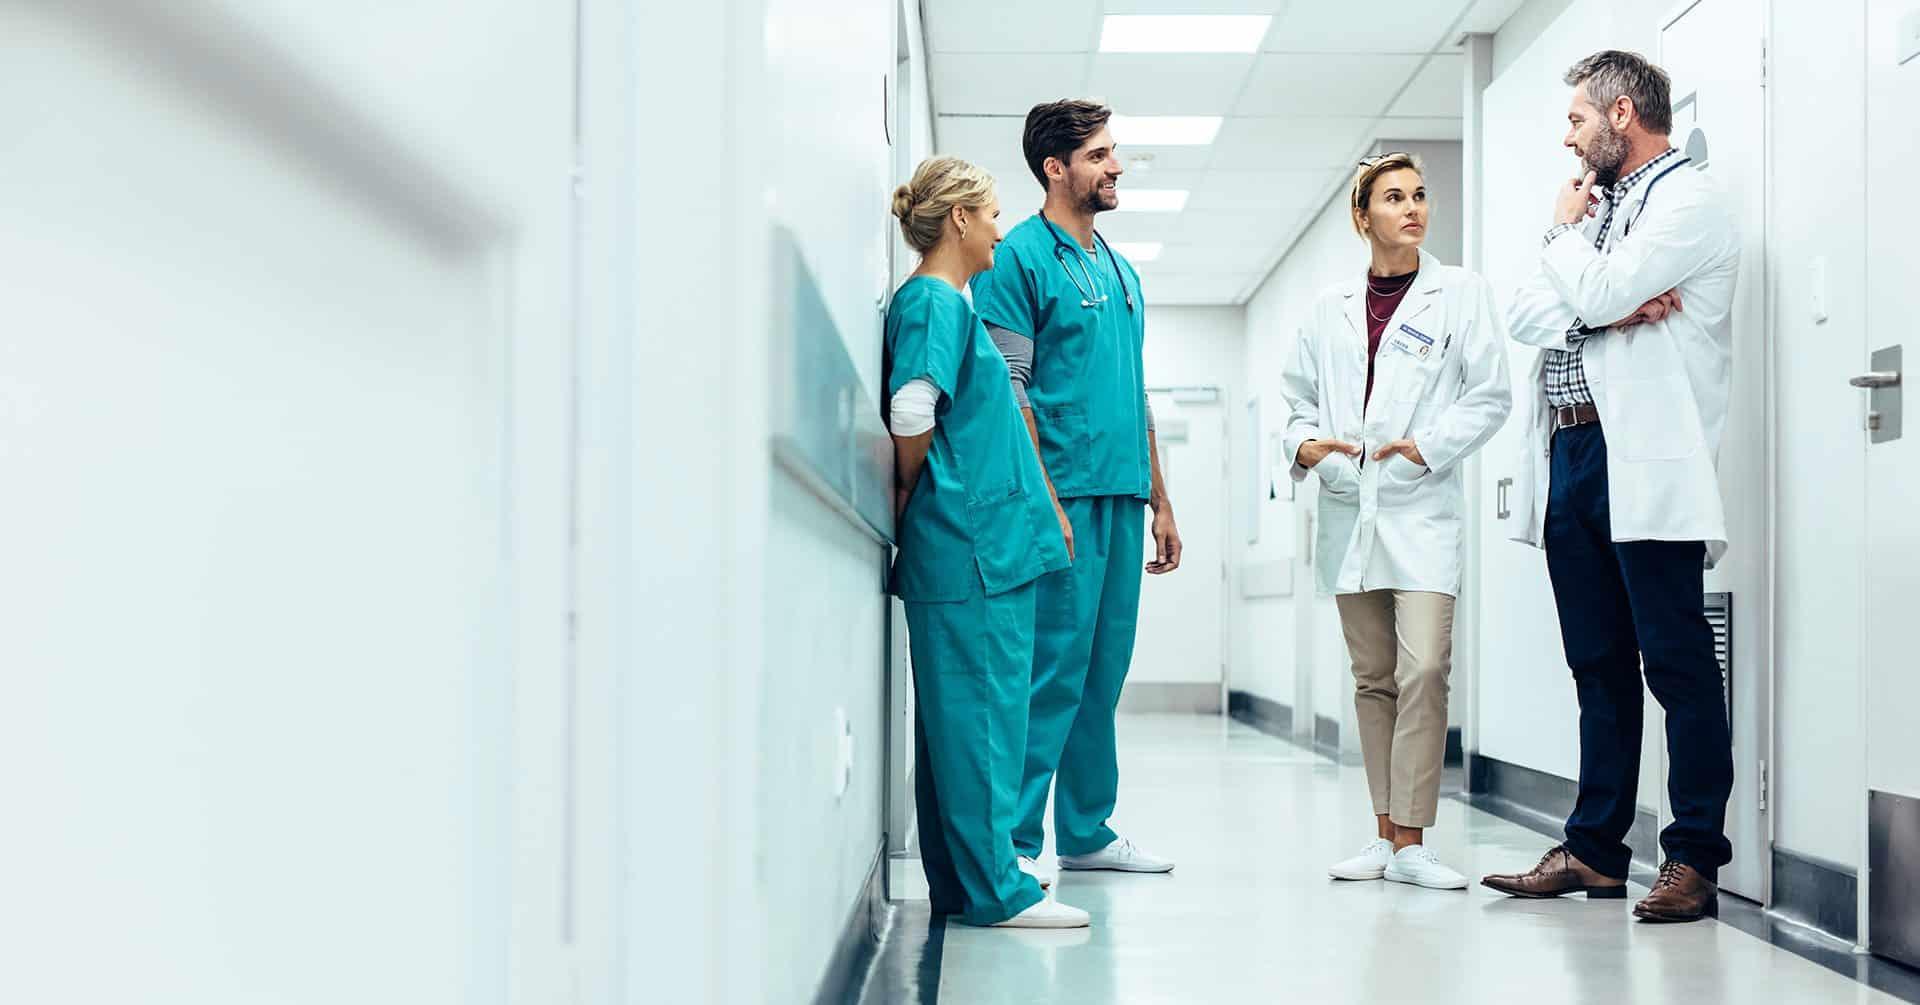 Ärzte der MEDICLIN im Flur